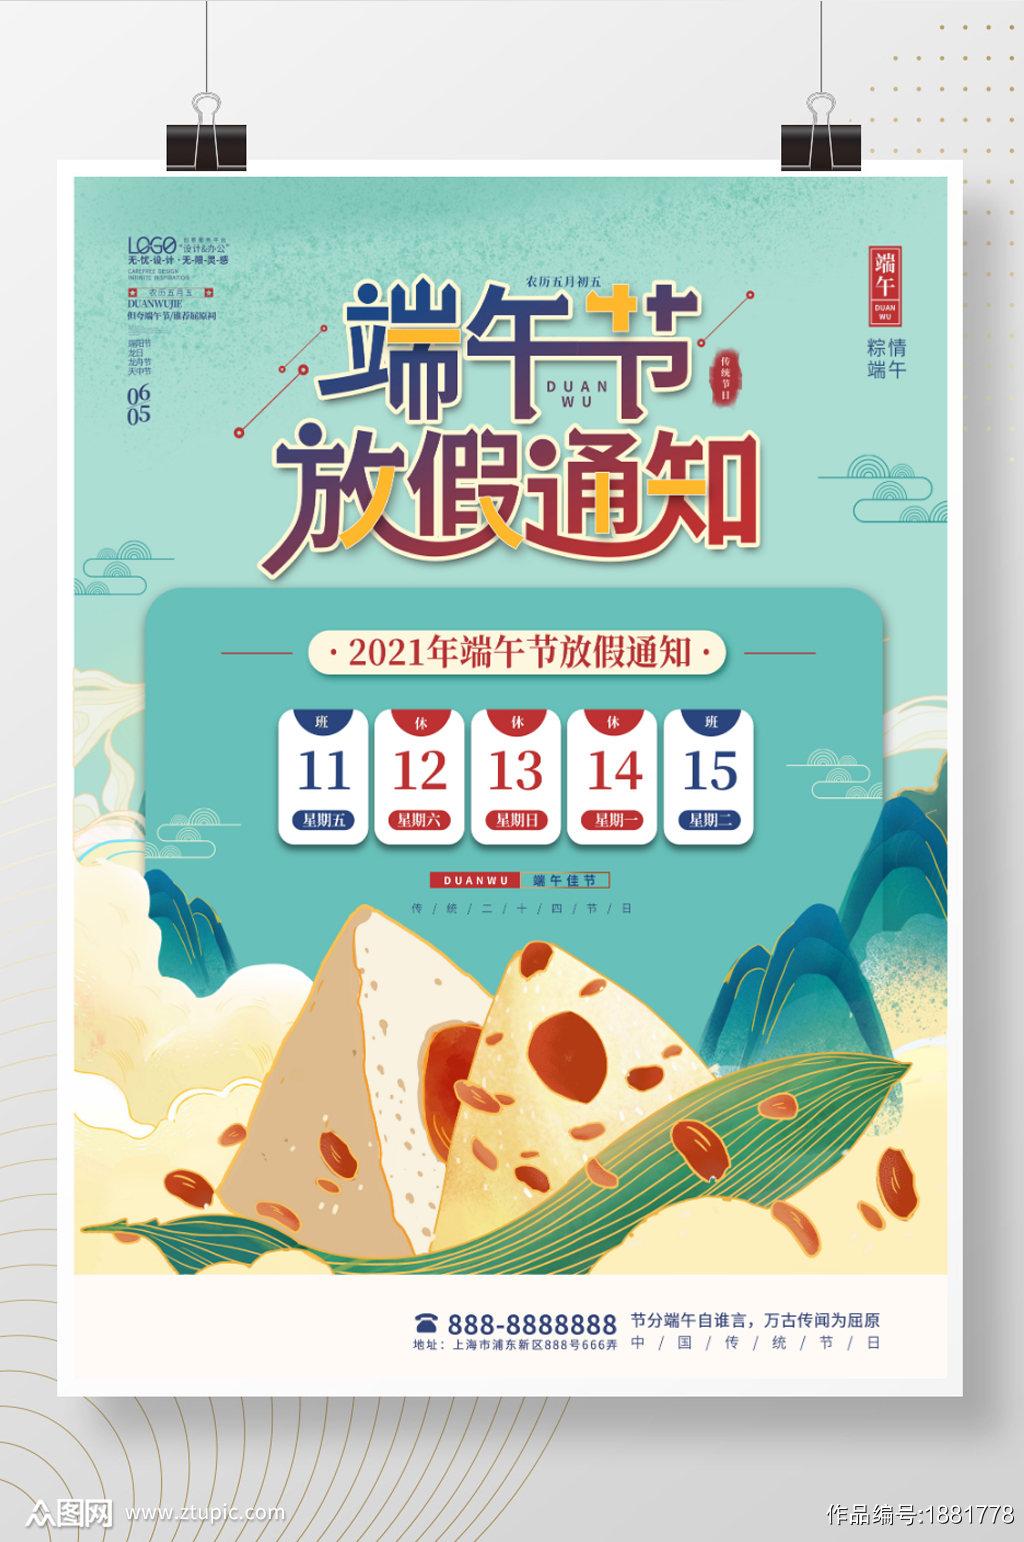 中国风插画端午节放假通知海报素材